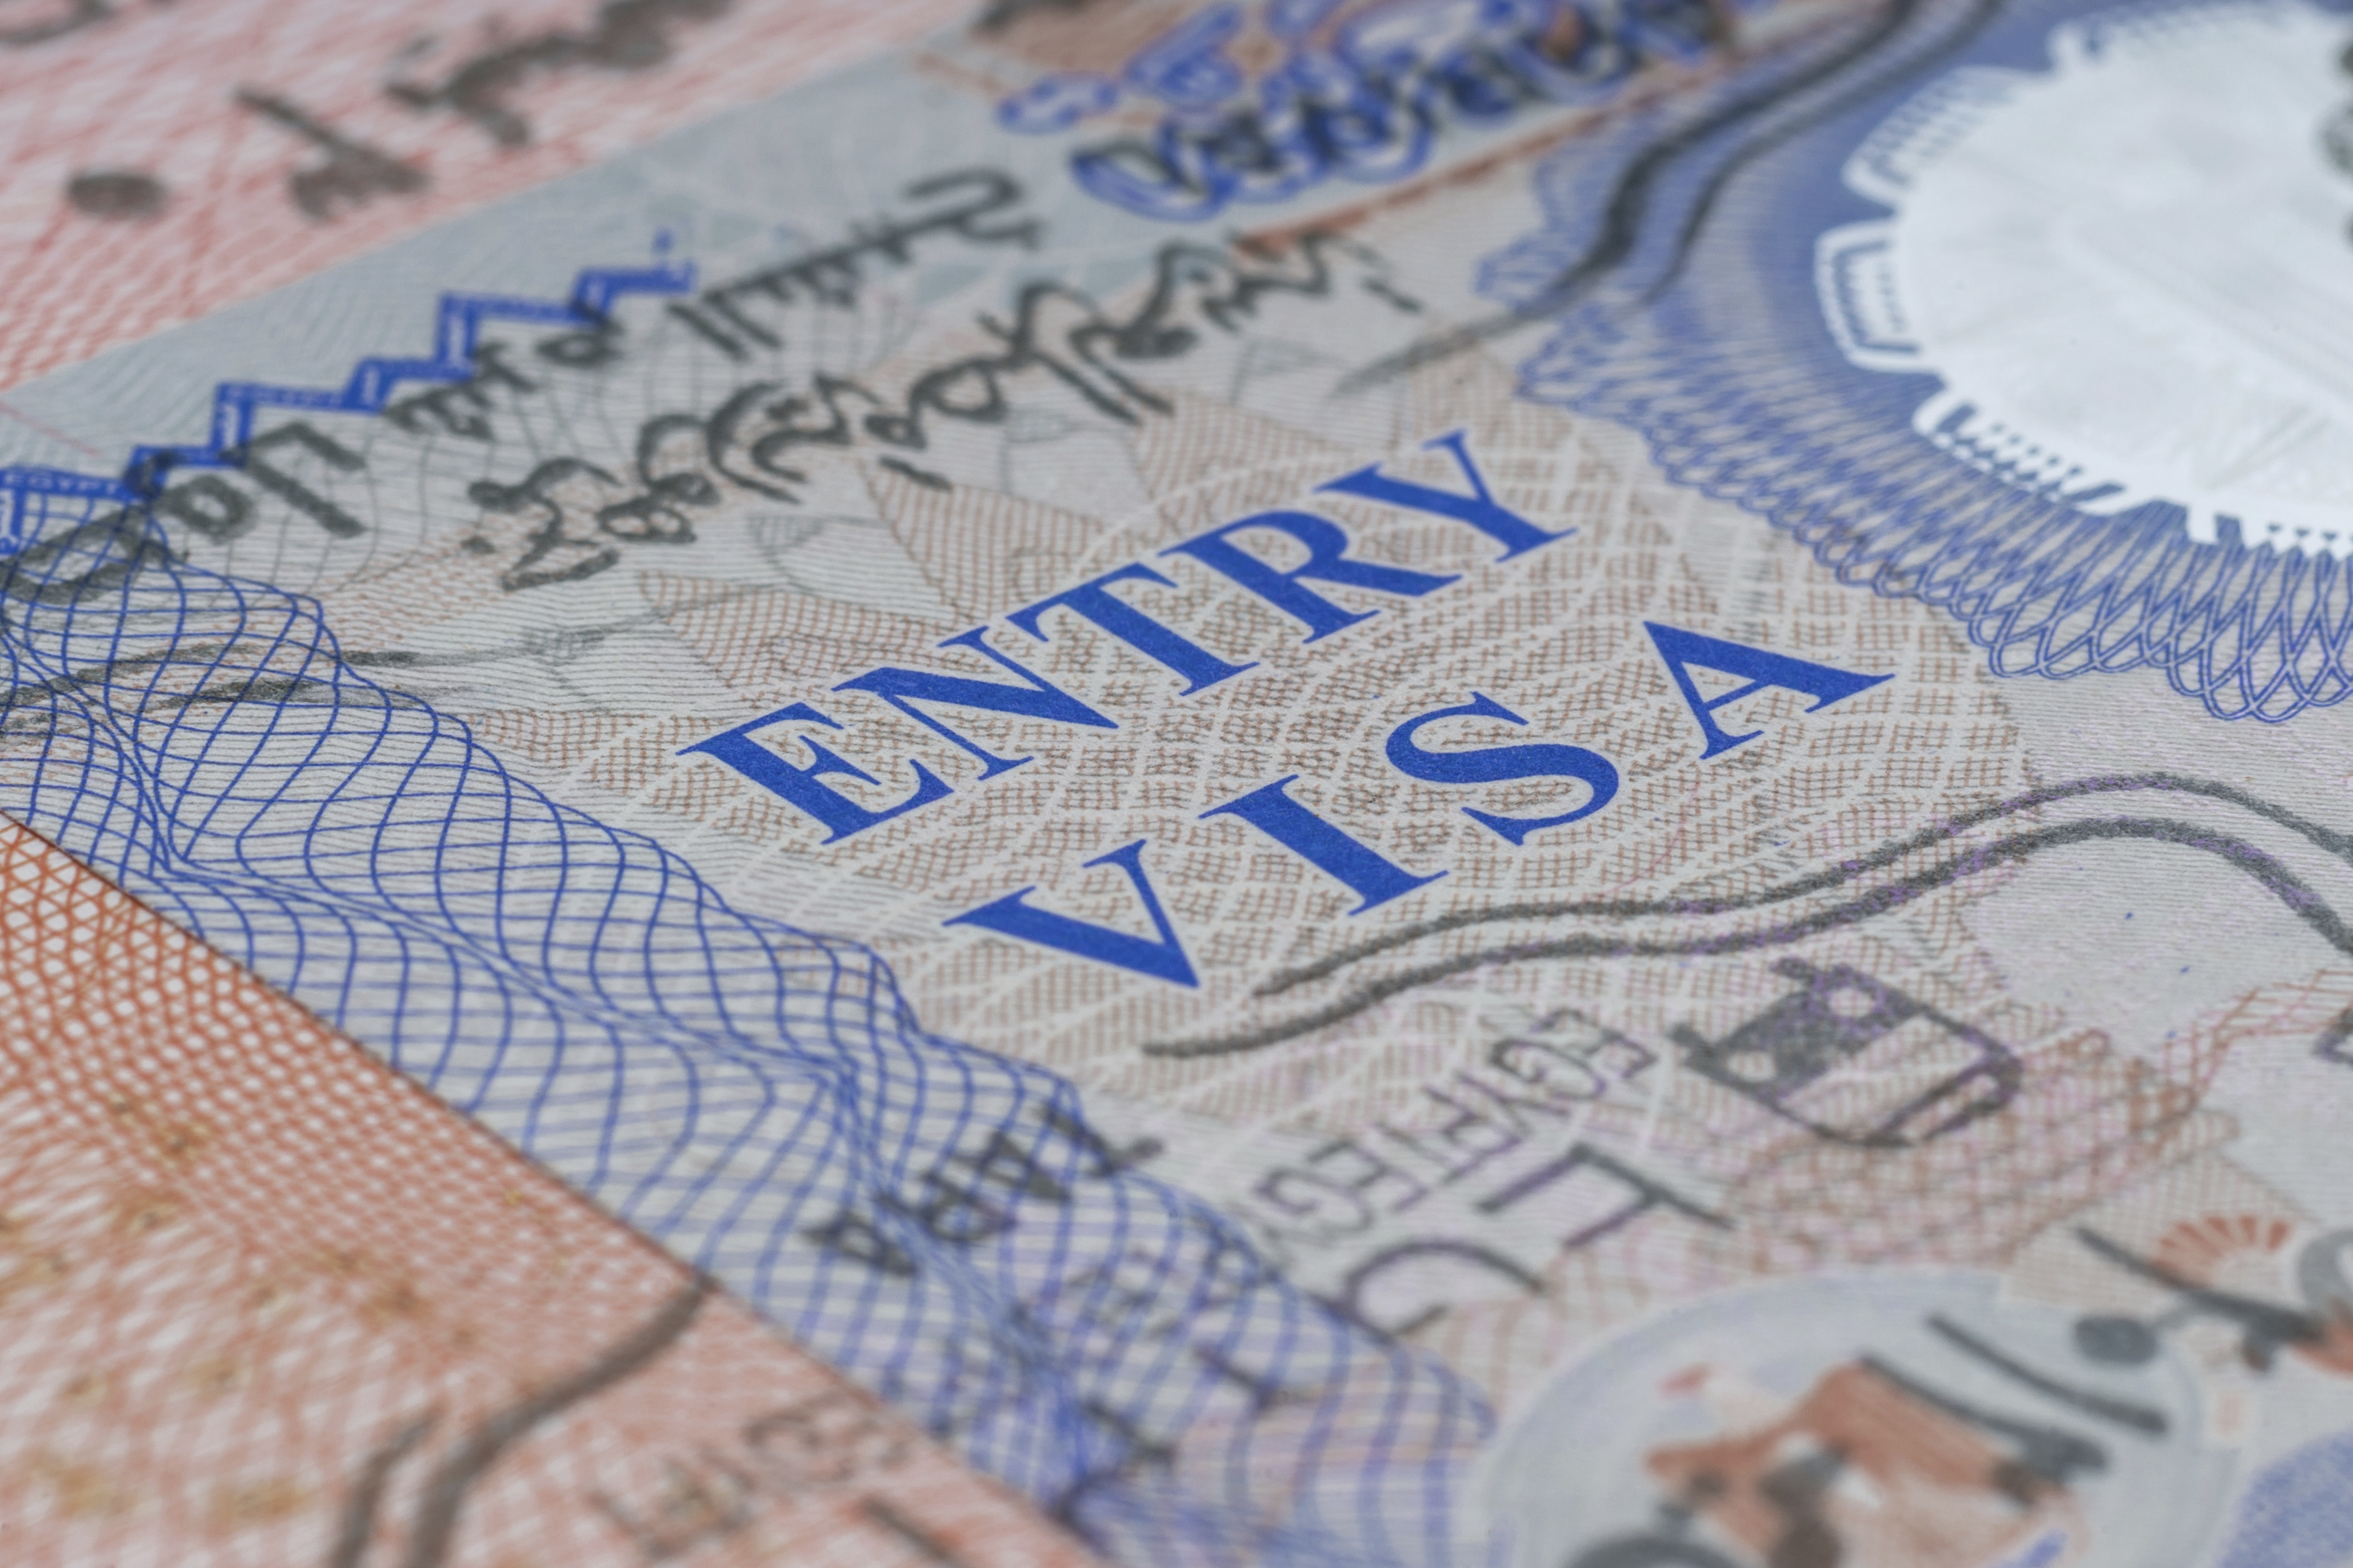 Articles zero tolerance in schools visa